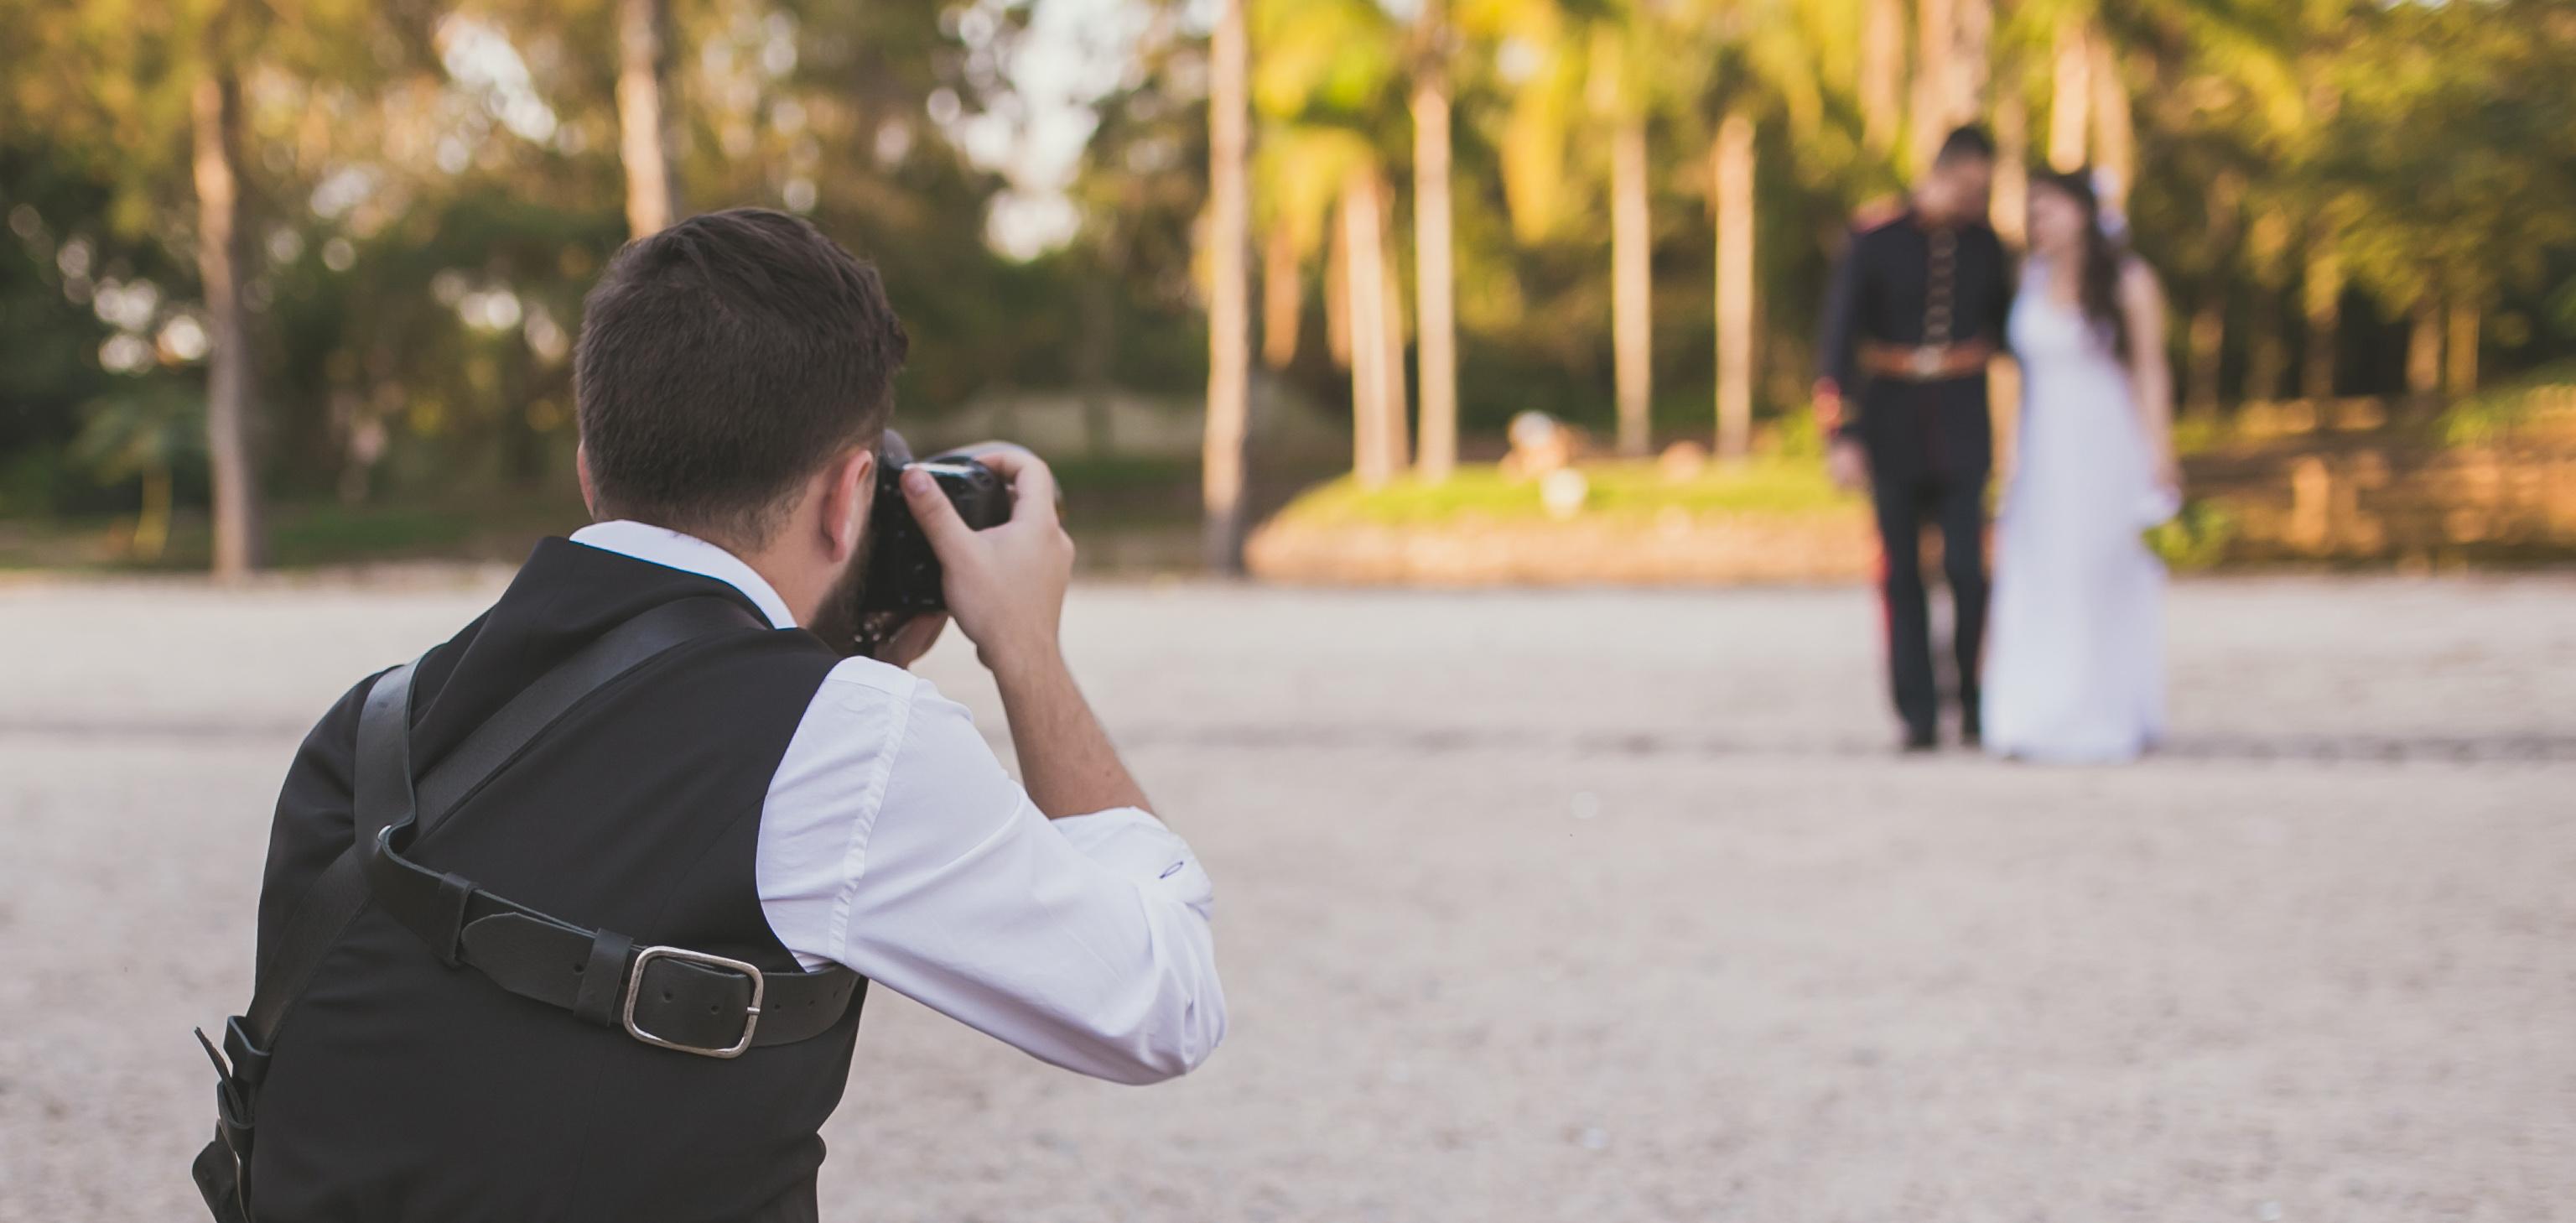 Sobre Rafael Serra Fotografia de casamentos e familias - Mogi Guaçu - SP